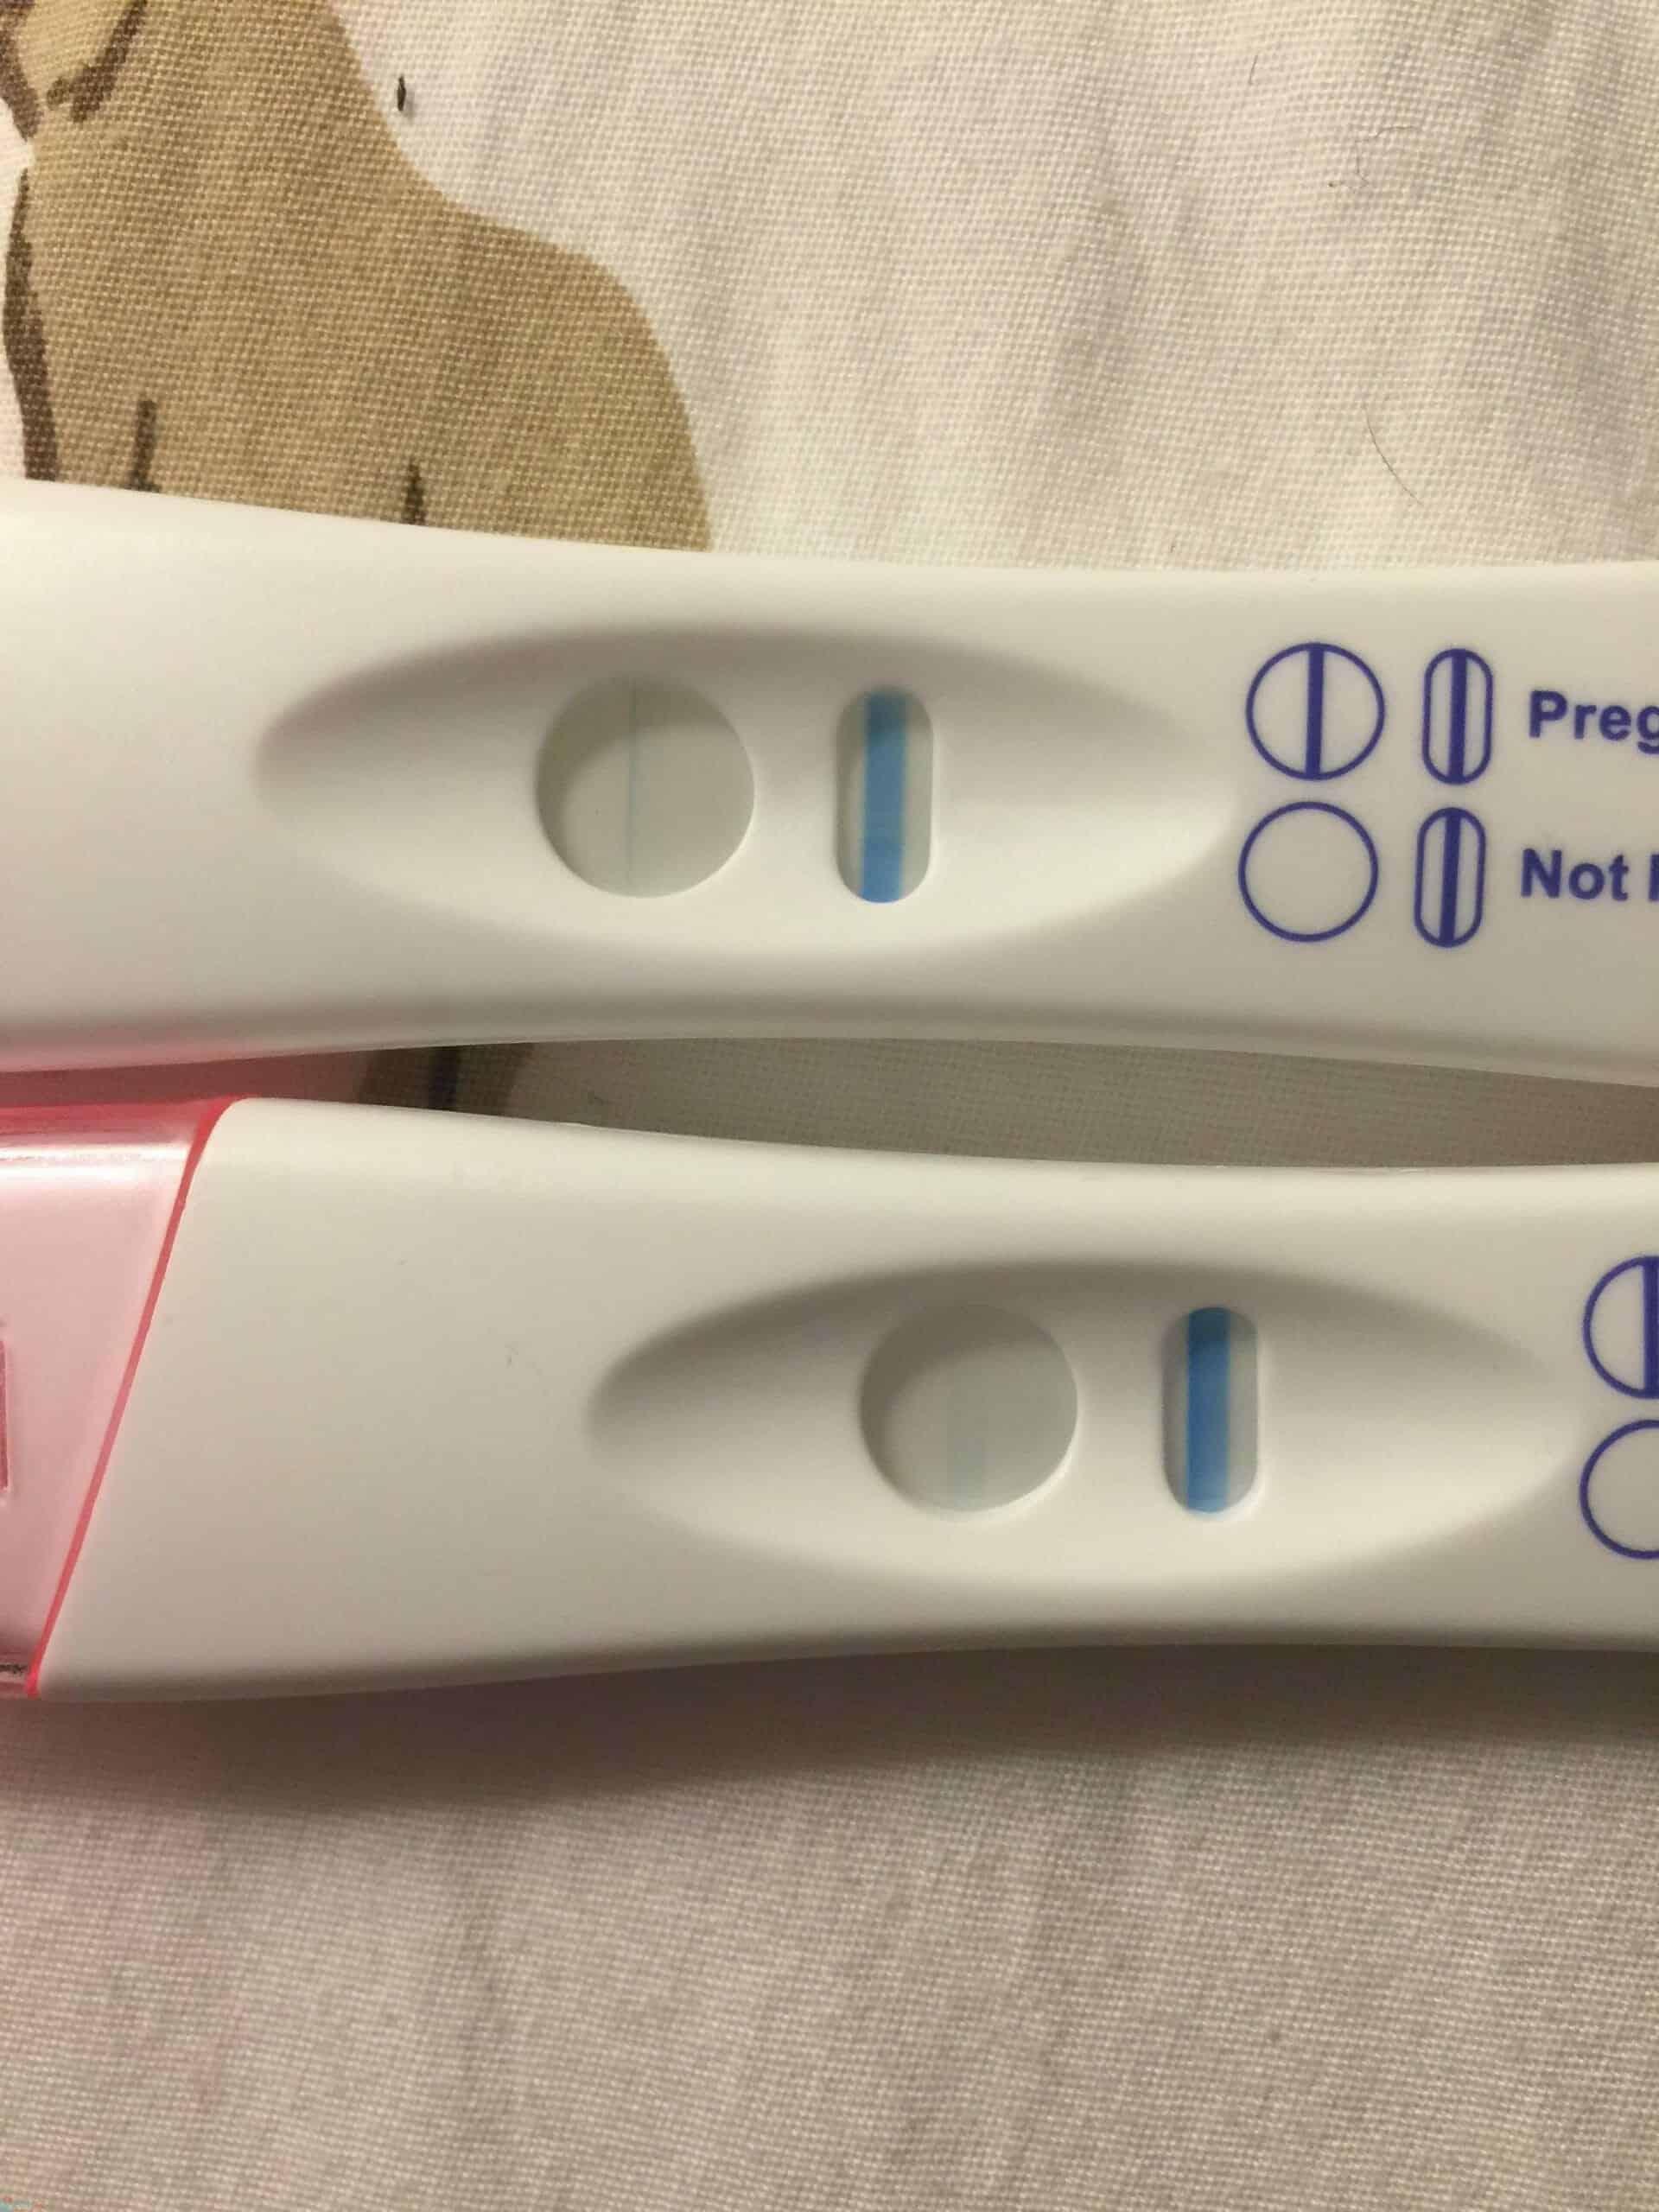 ظهور خط باهت في اختبار الحمل و الفرق بين الايجابي والسلبي! 18